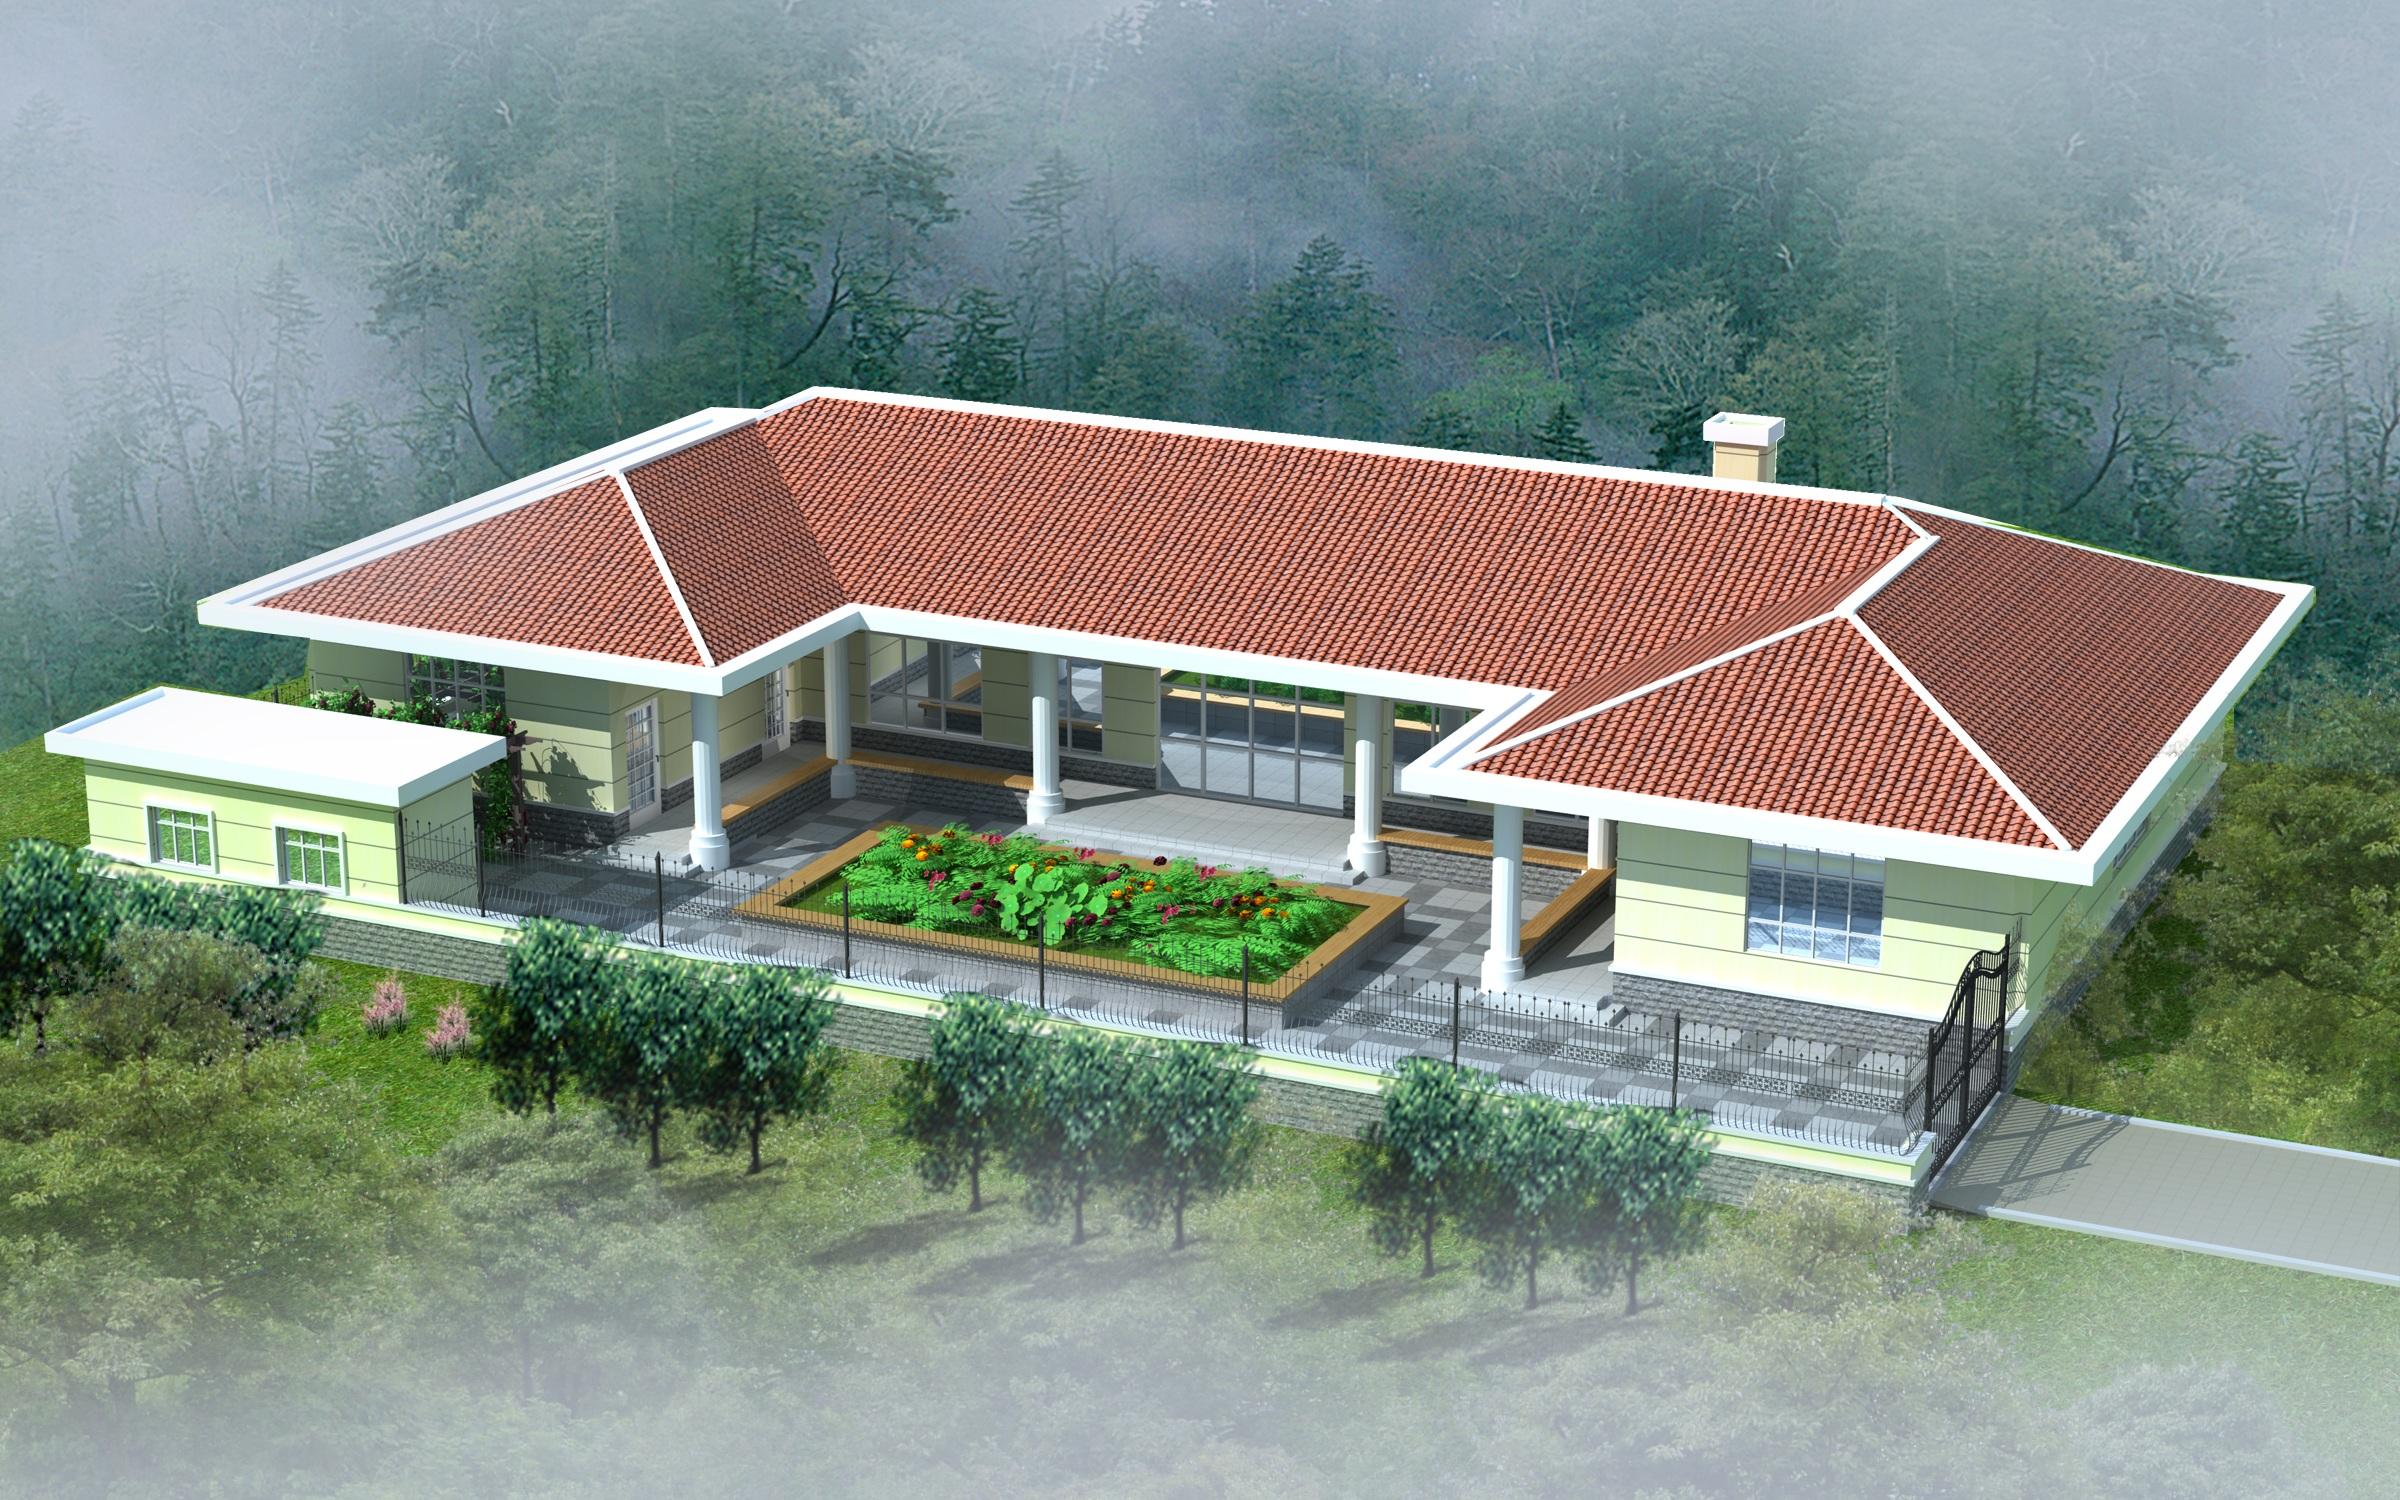 求图片 农村房屋设计图宽8米长10米